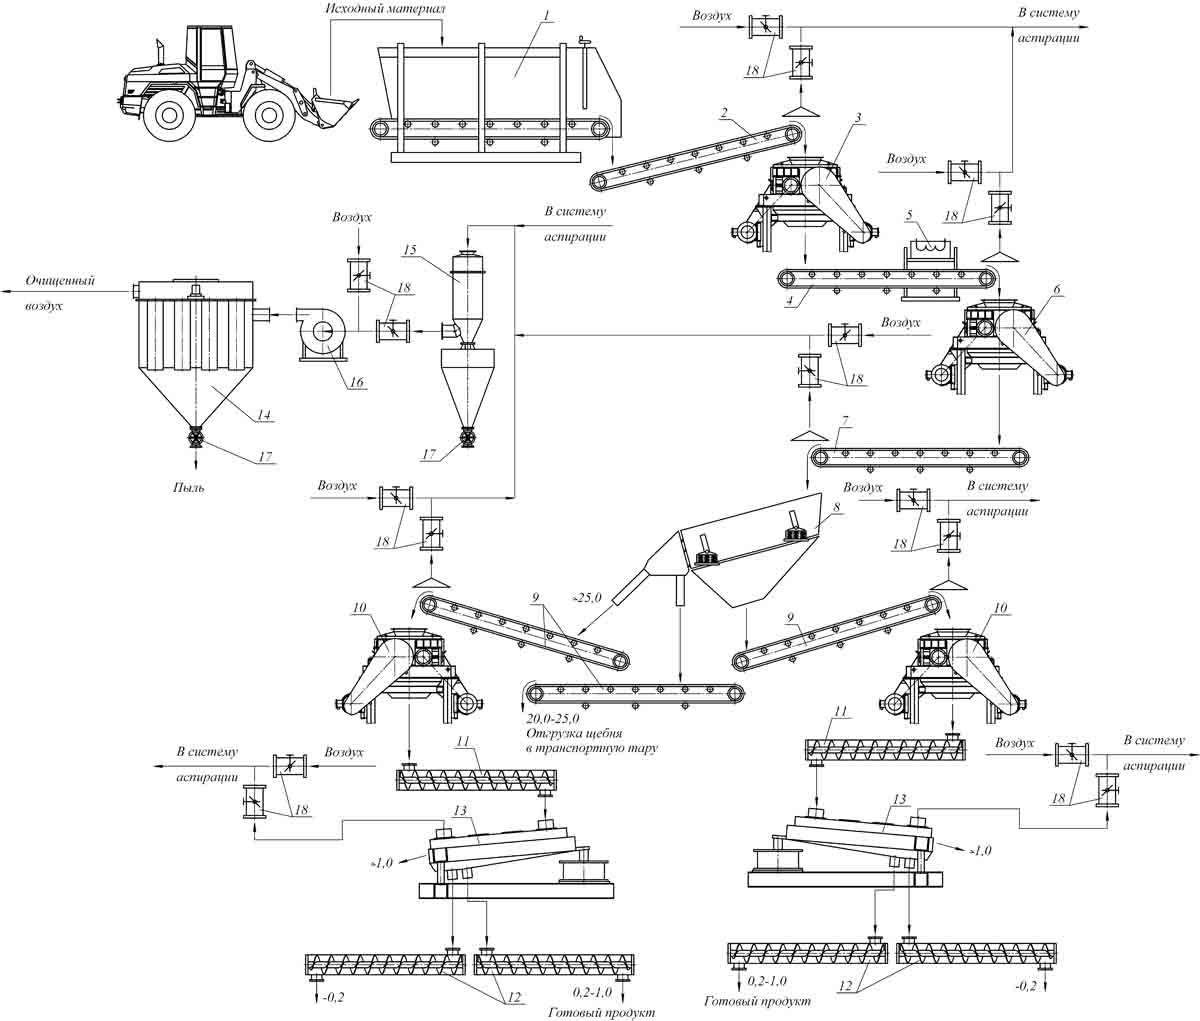 Дробилка по переработке доломита до фракции 0-3 мм купить роторную дробилку в Ижевск